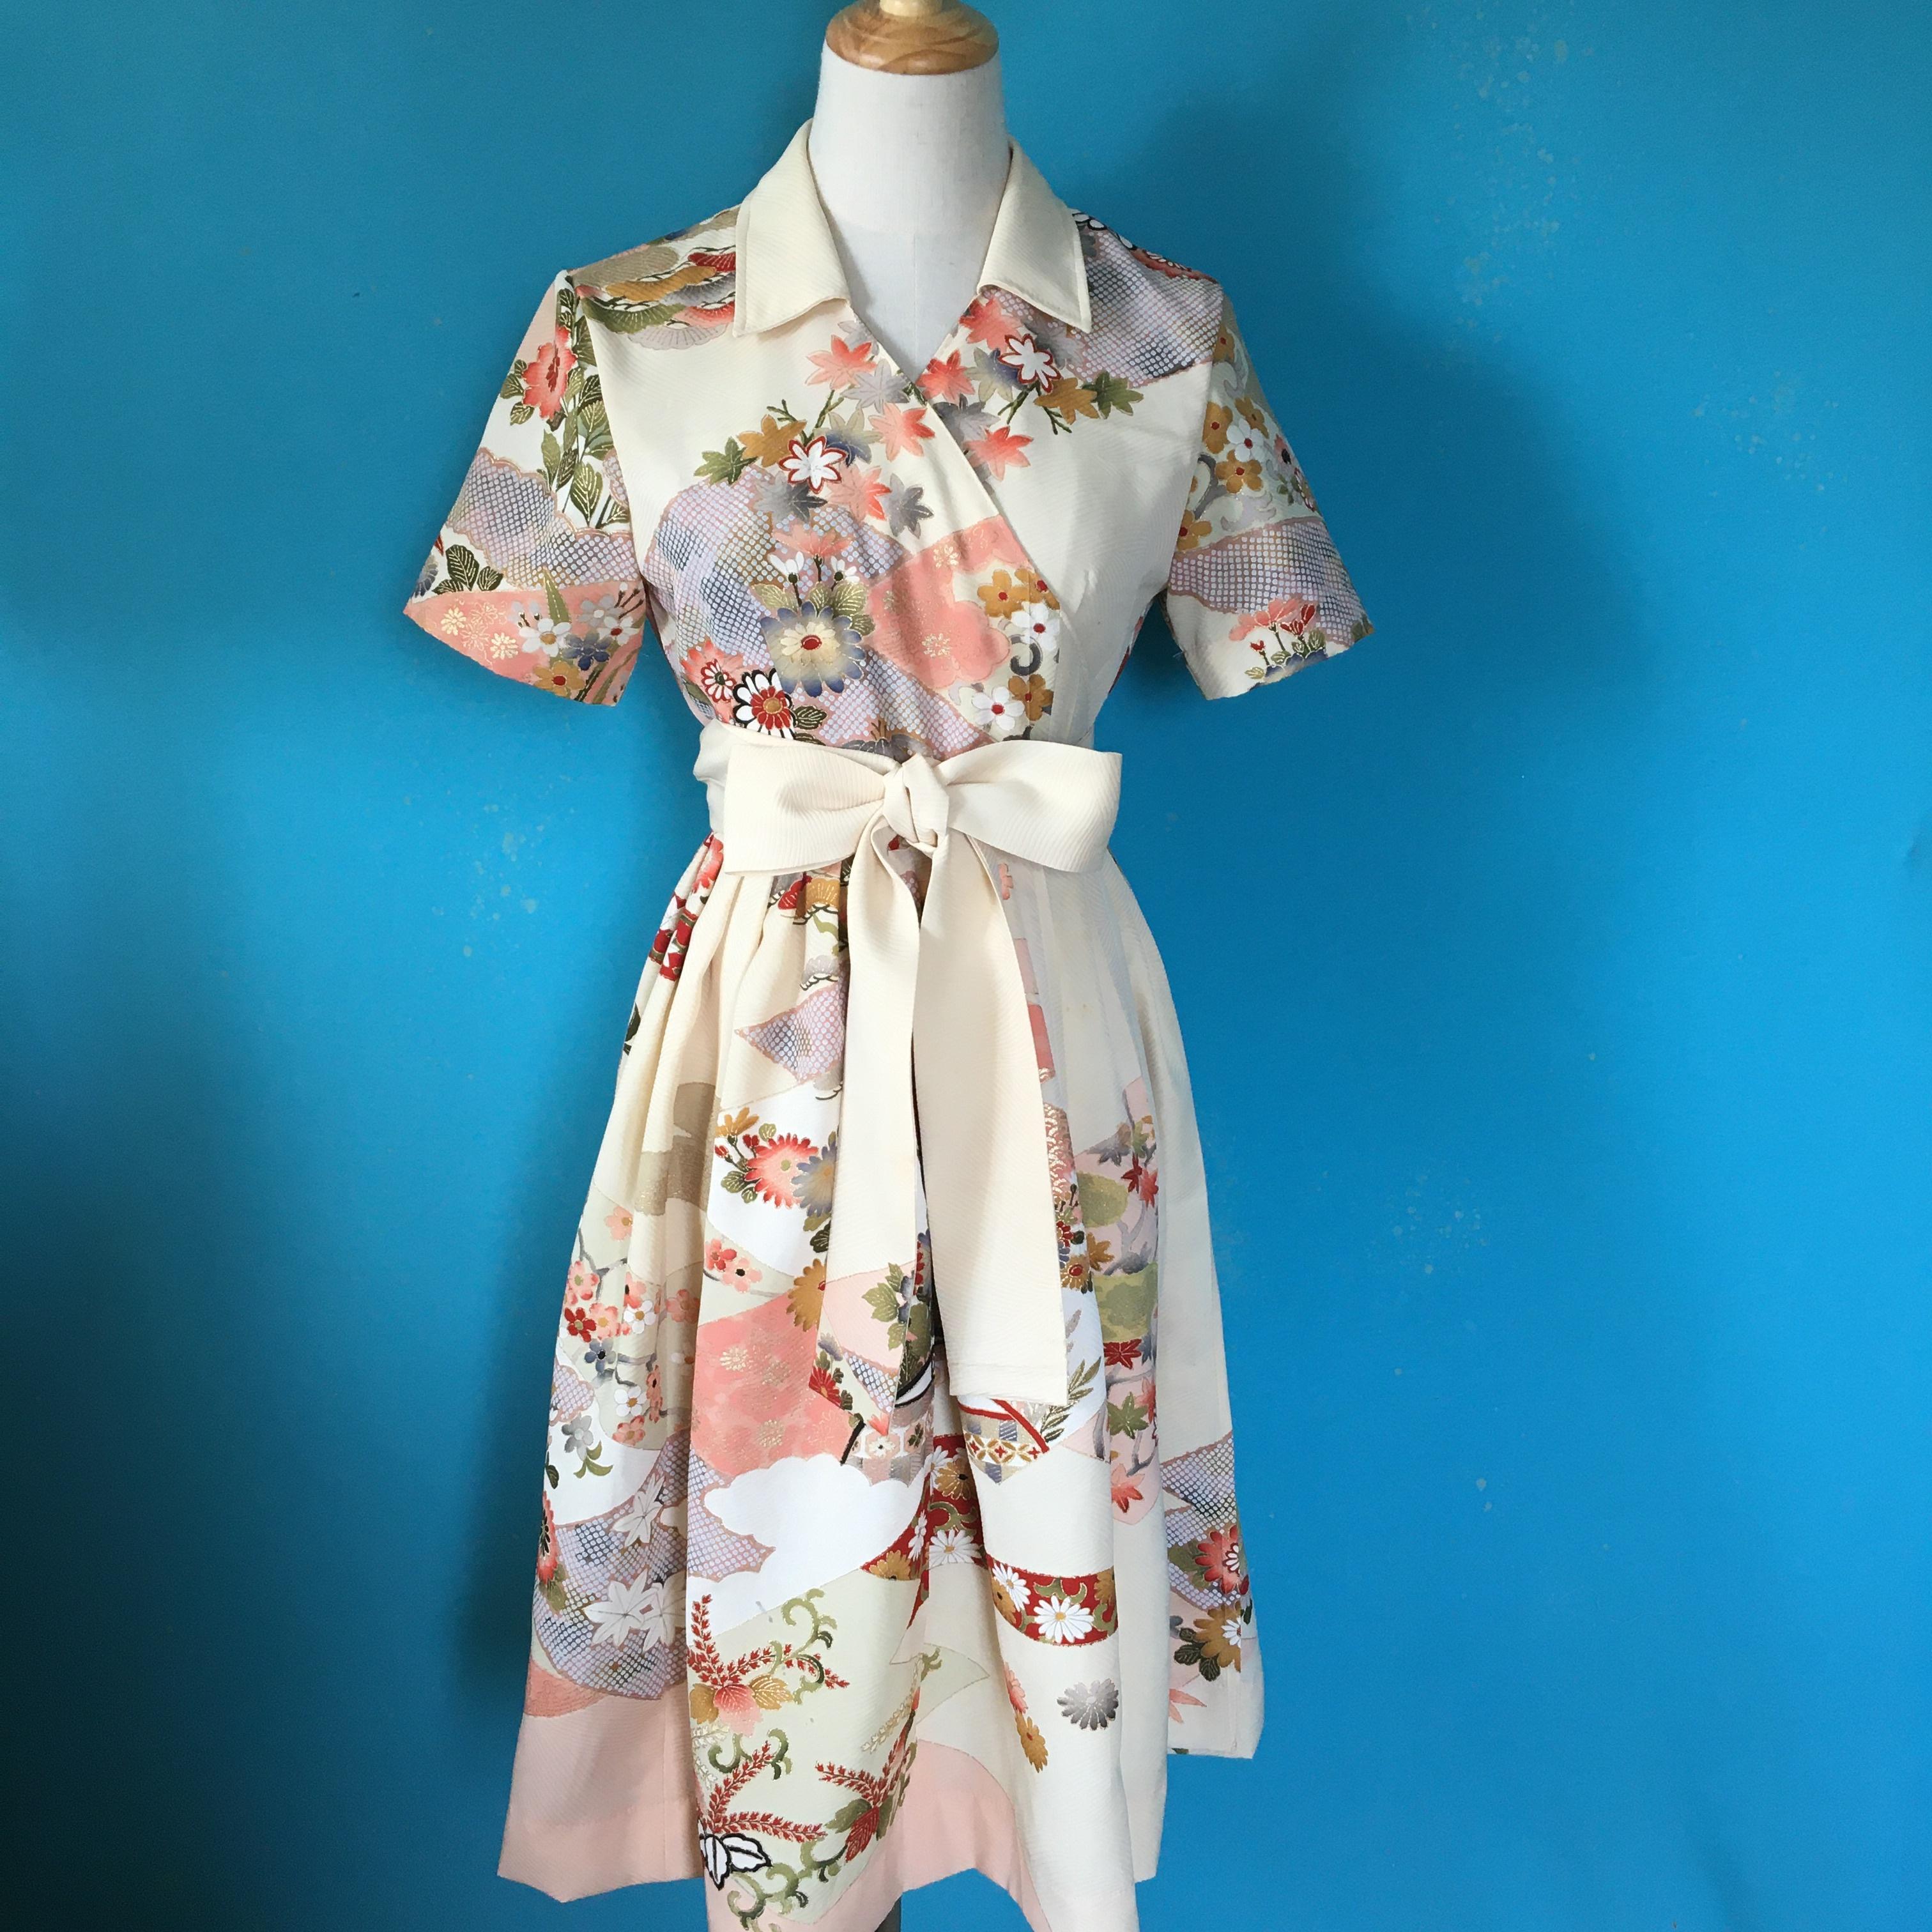 訪問着 Vintage kimono wrap dress/ US 8